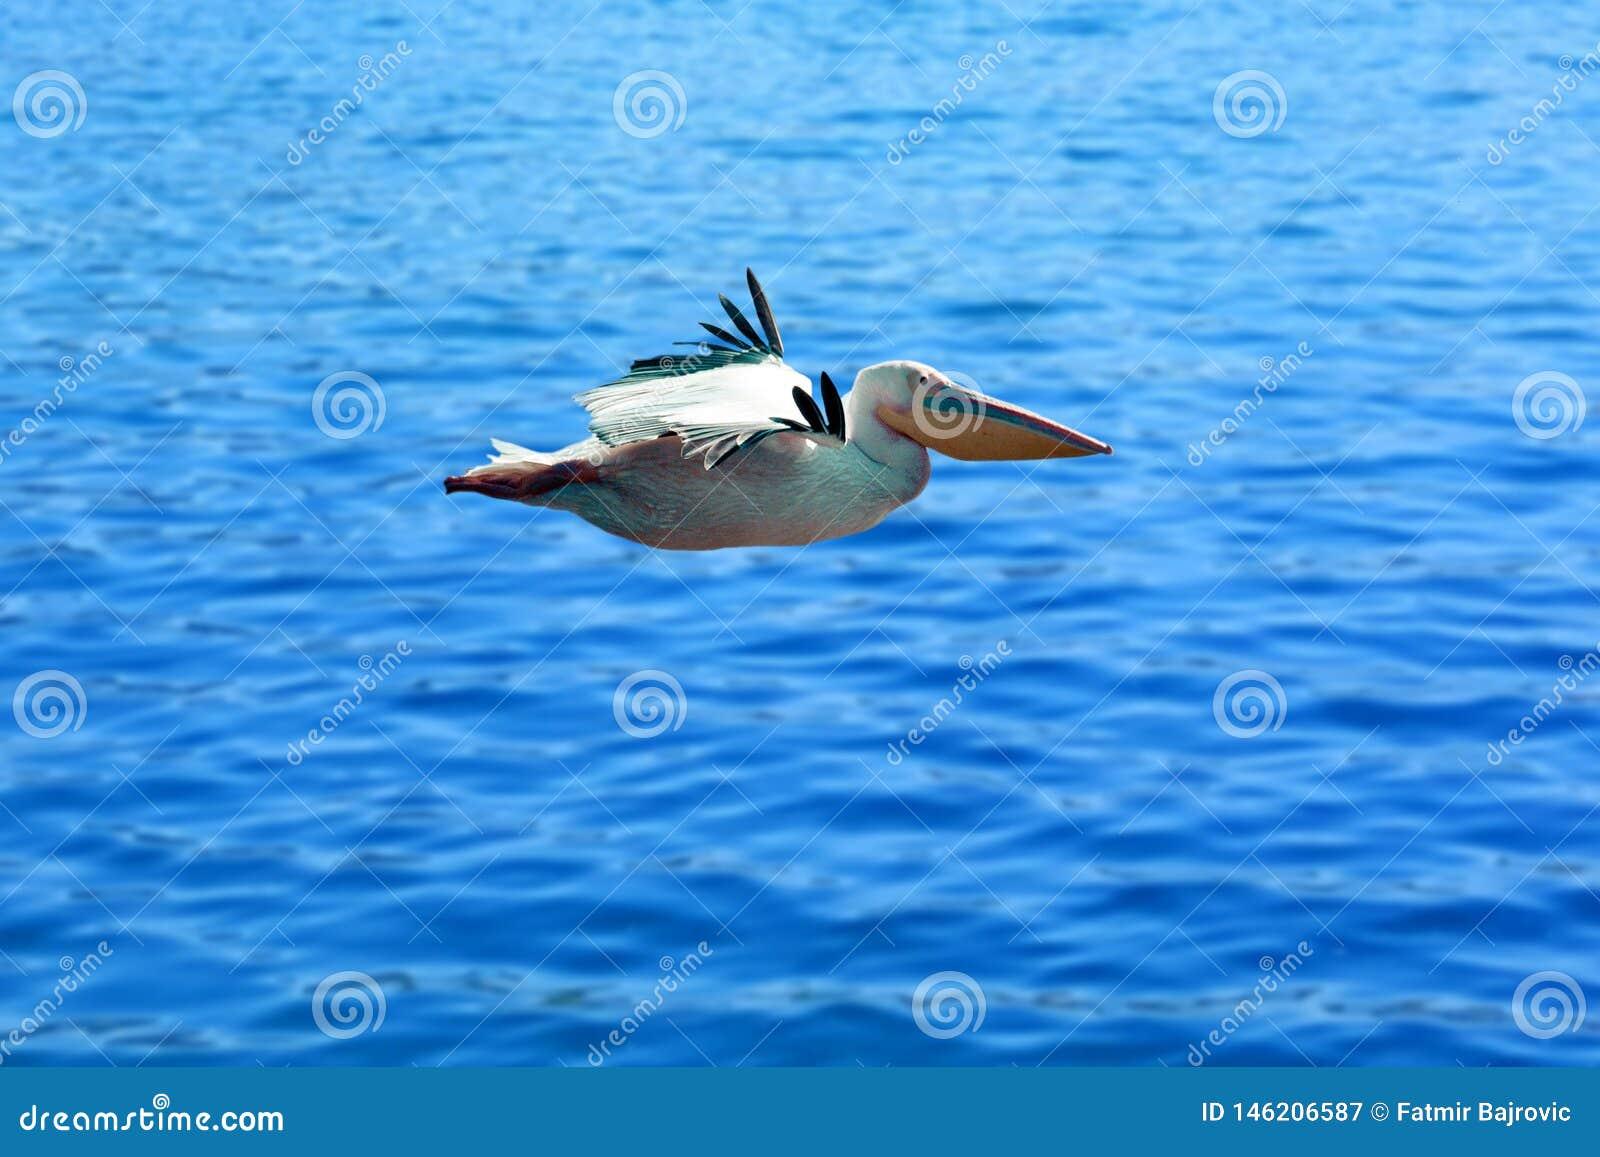 Bardzo ładny moment w naturze Pelikan w locie nad czystą błękitne wody Bardzo ładna błękitne wody w tle